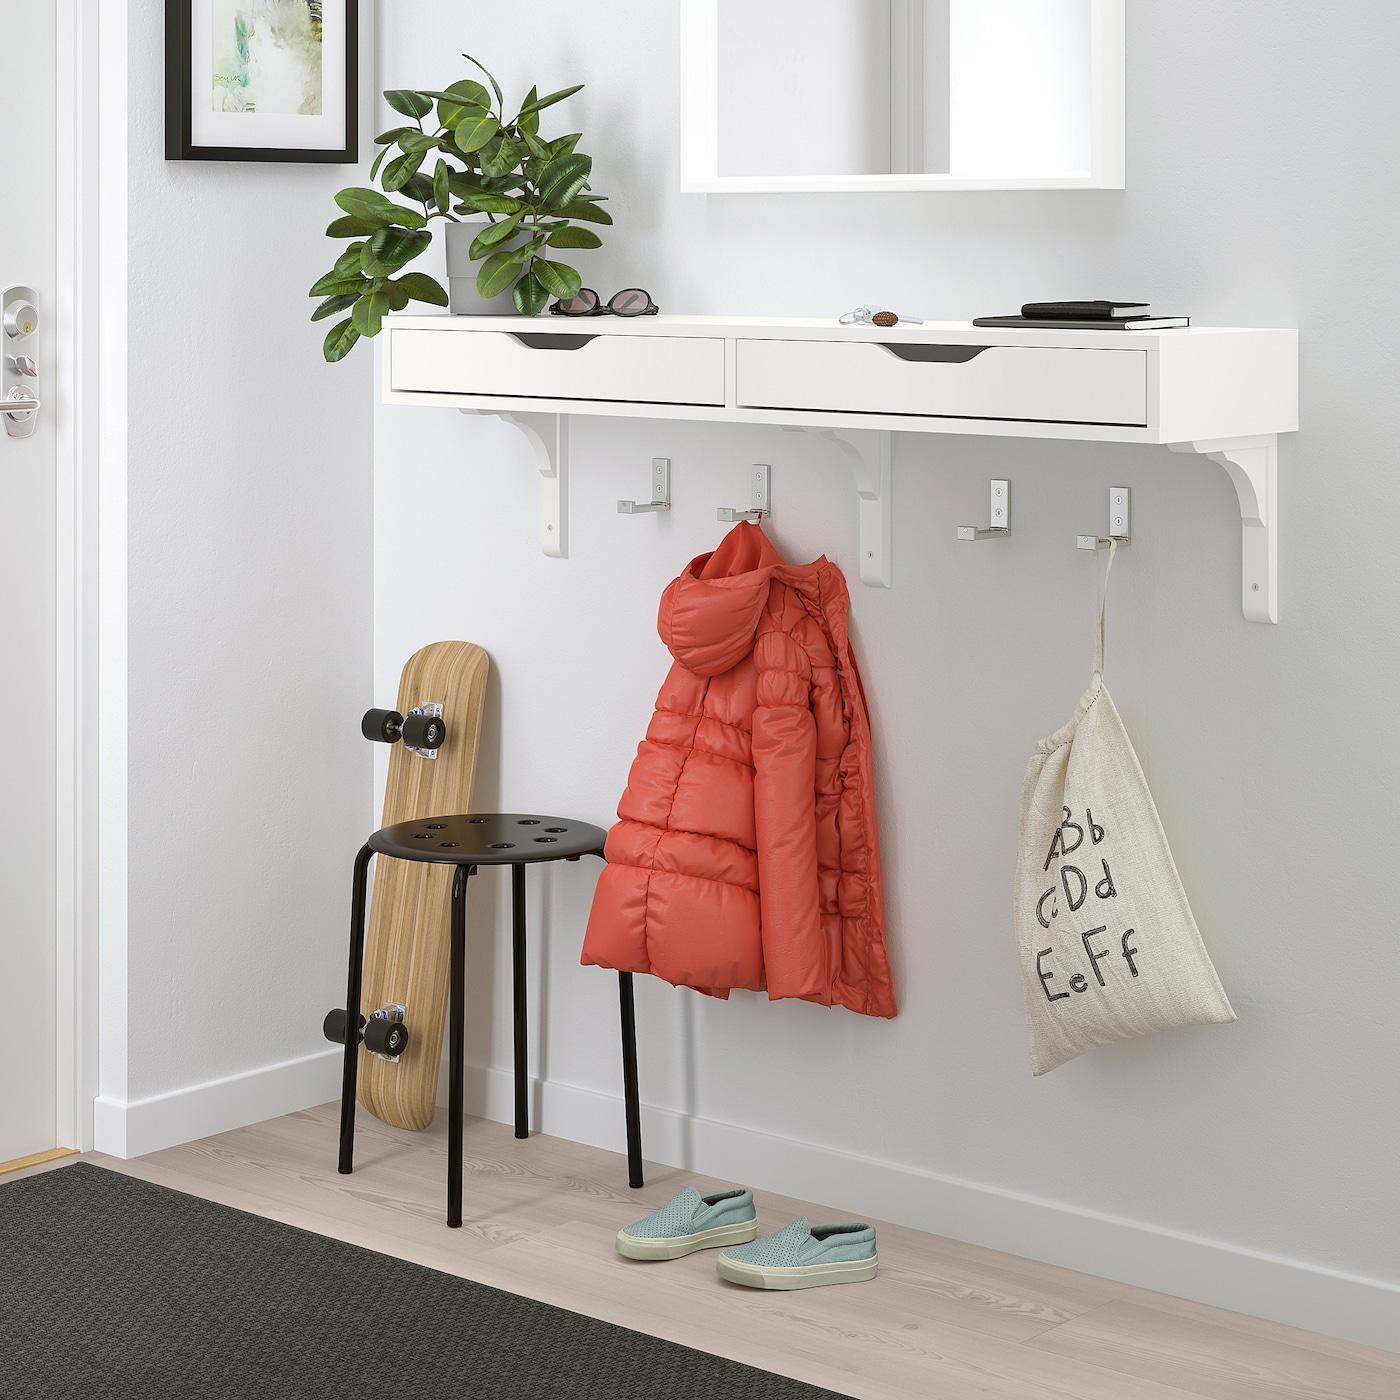 EKBY ALEX Shelf with drawers - white 14x14 cm